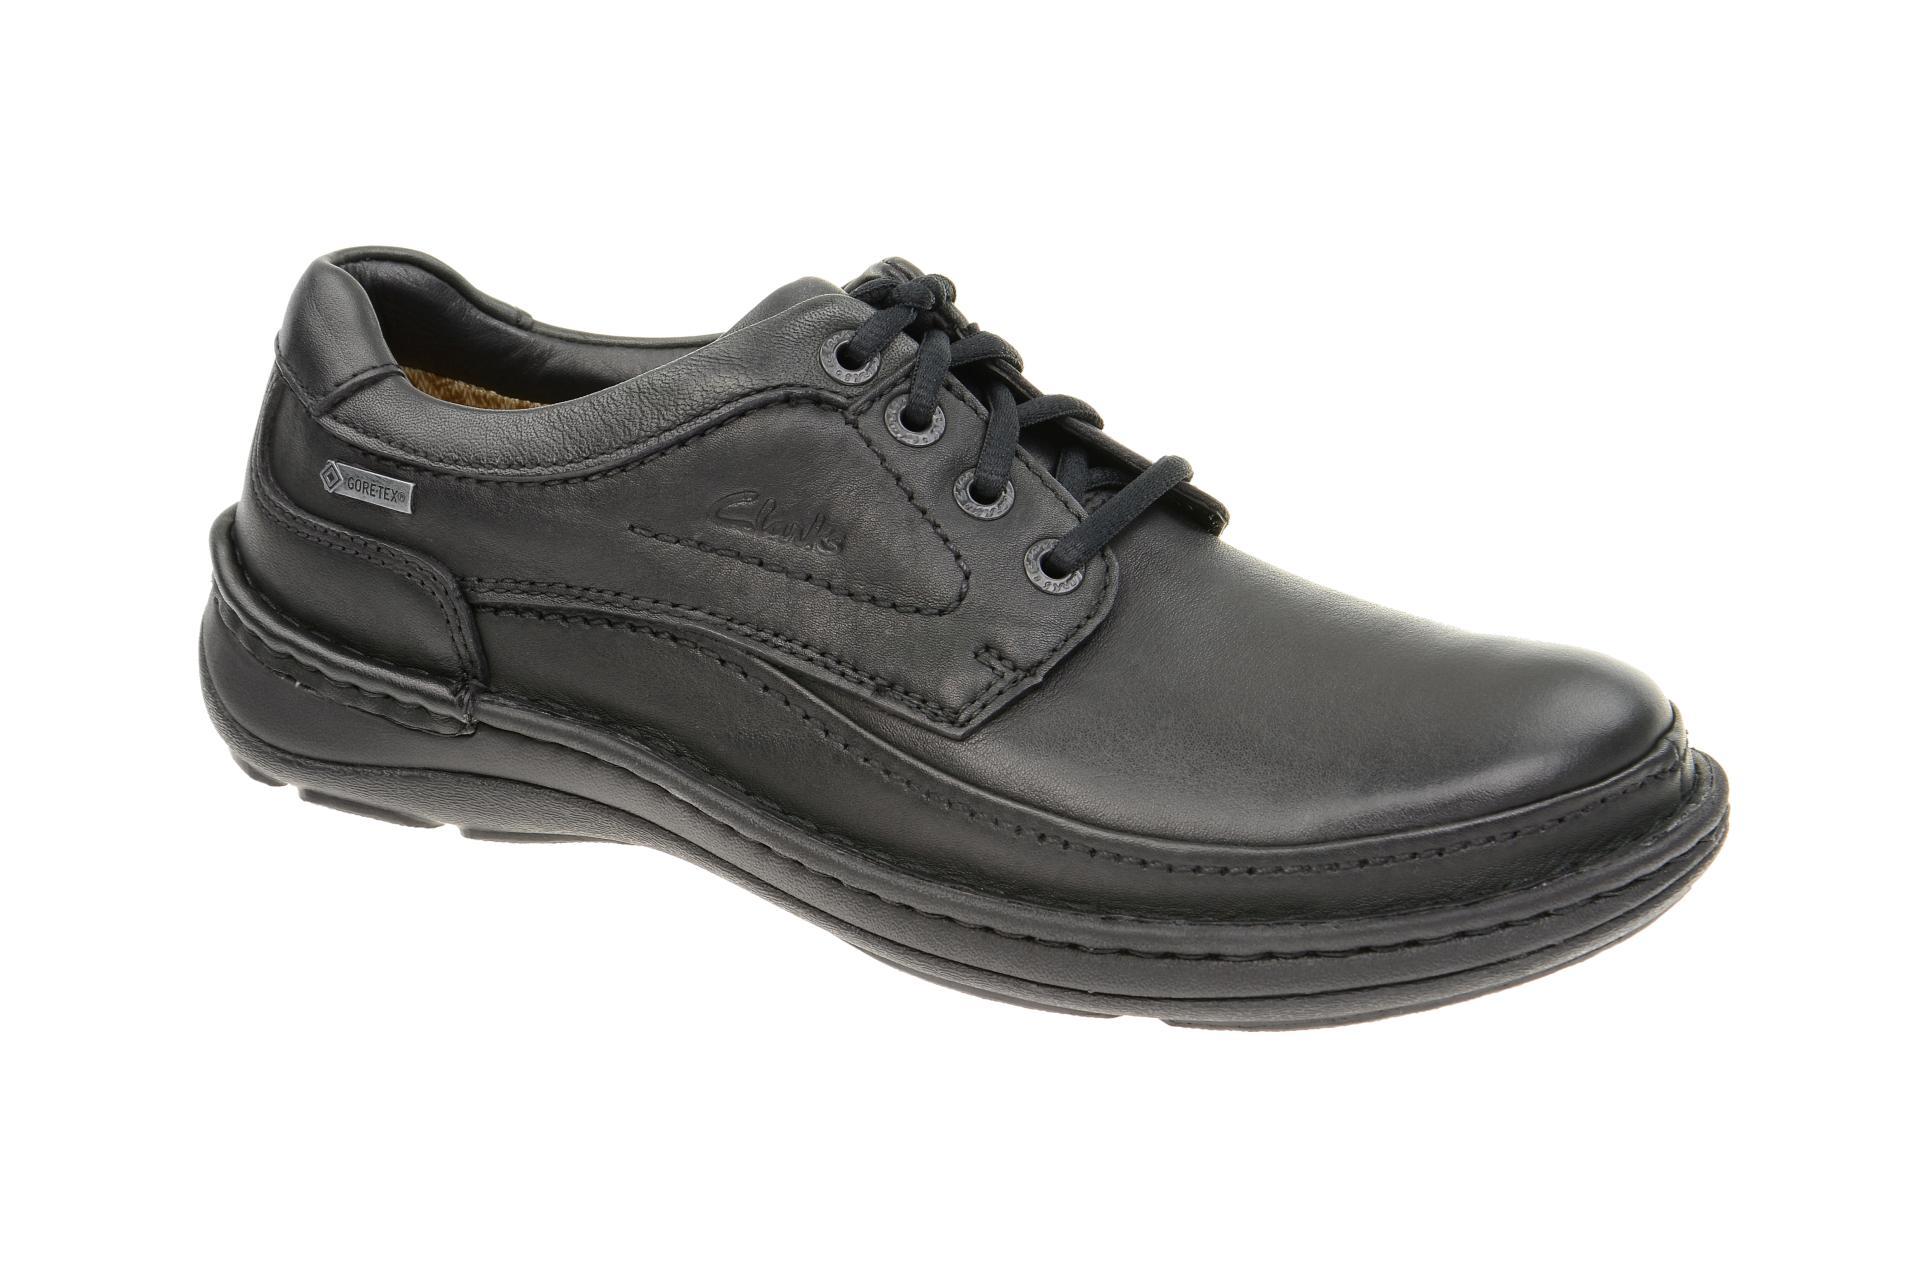 Clarks Nature Three GTX Schuhe schwarz :: Schwarz - 38 - Männlich - Erwachsene